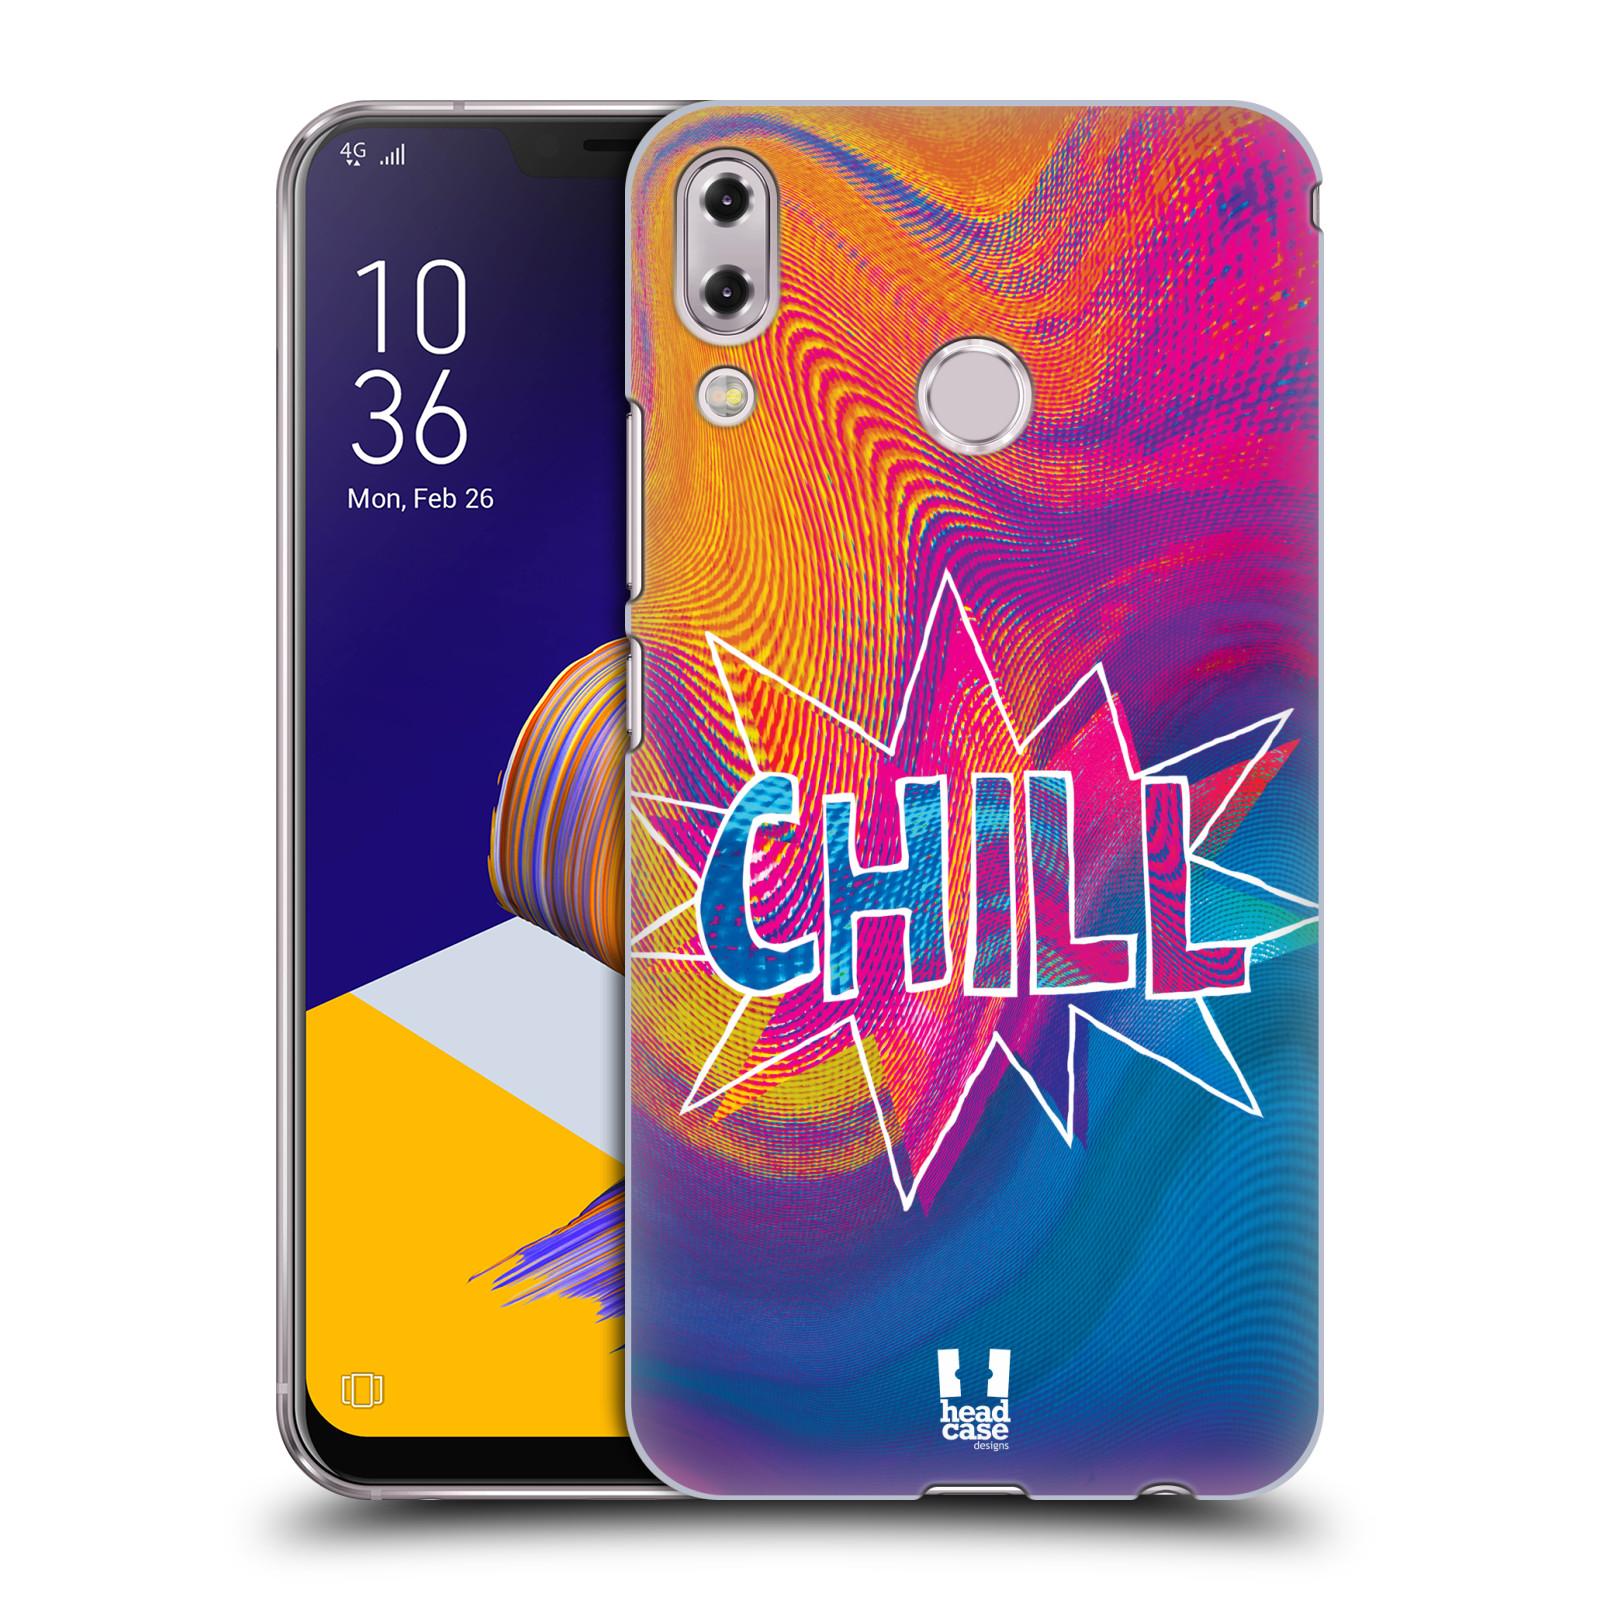 Plastové pouzdro na mobil Asus Zenfone 5z ZS620KL - Head Case - HOLOGRAF CHILL (Plastový kryt či obal na mobilní telefon Asus Zenfone 5z (ZS620KL) s motivem HOLOGRAF CHILL)